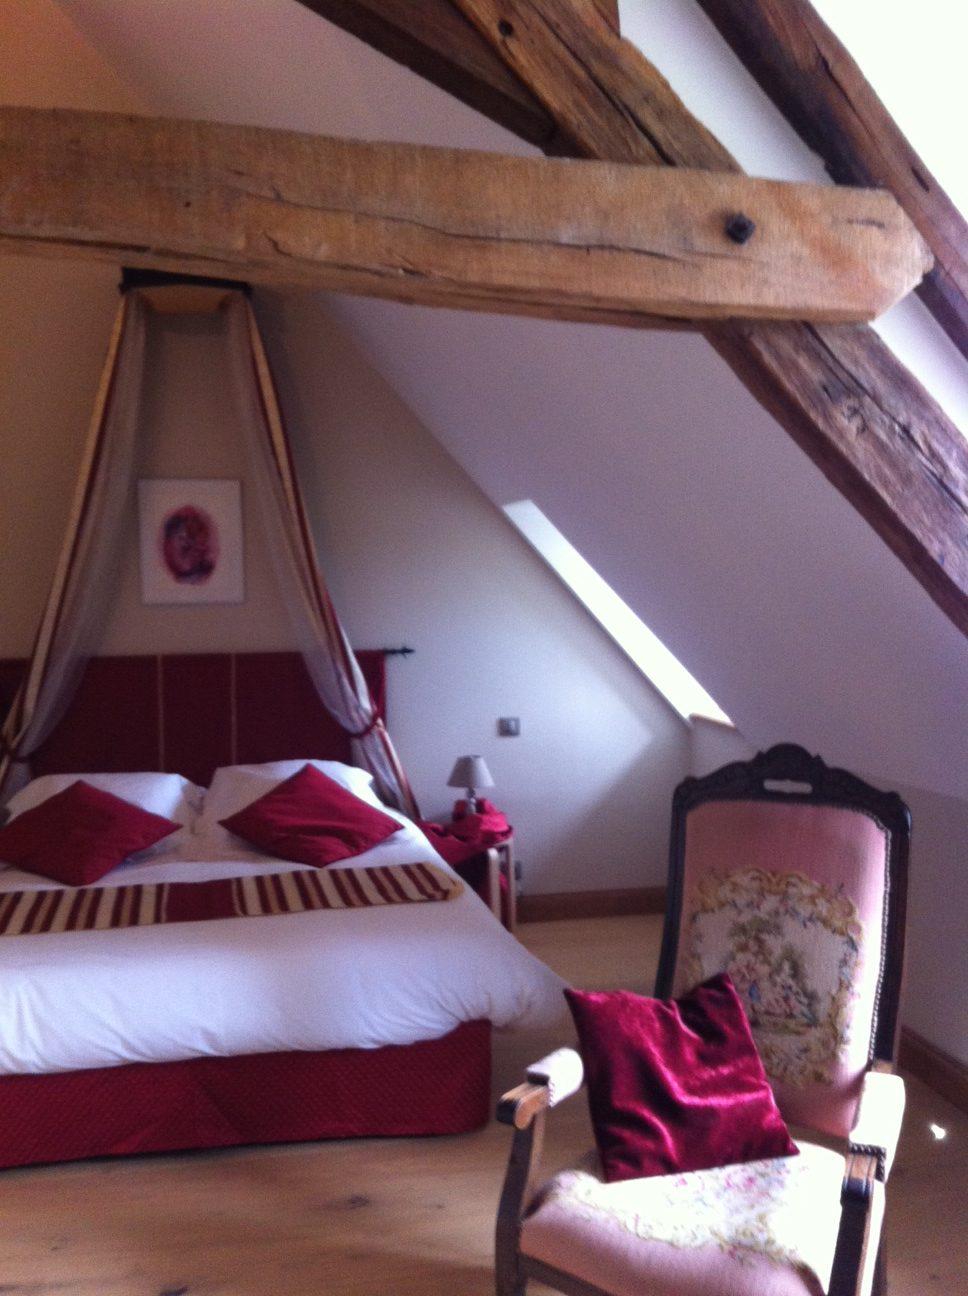 rénovation château 18ème siècle, fenêtres, parquets, isolation, huisseries, mezzanine, escalier sur mesure, charpente